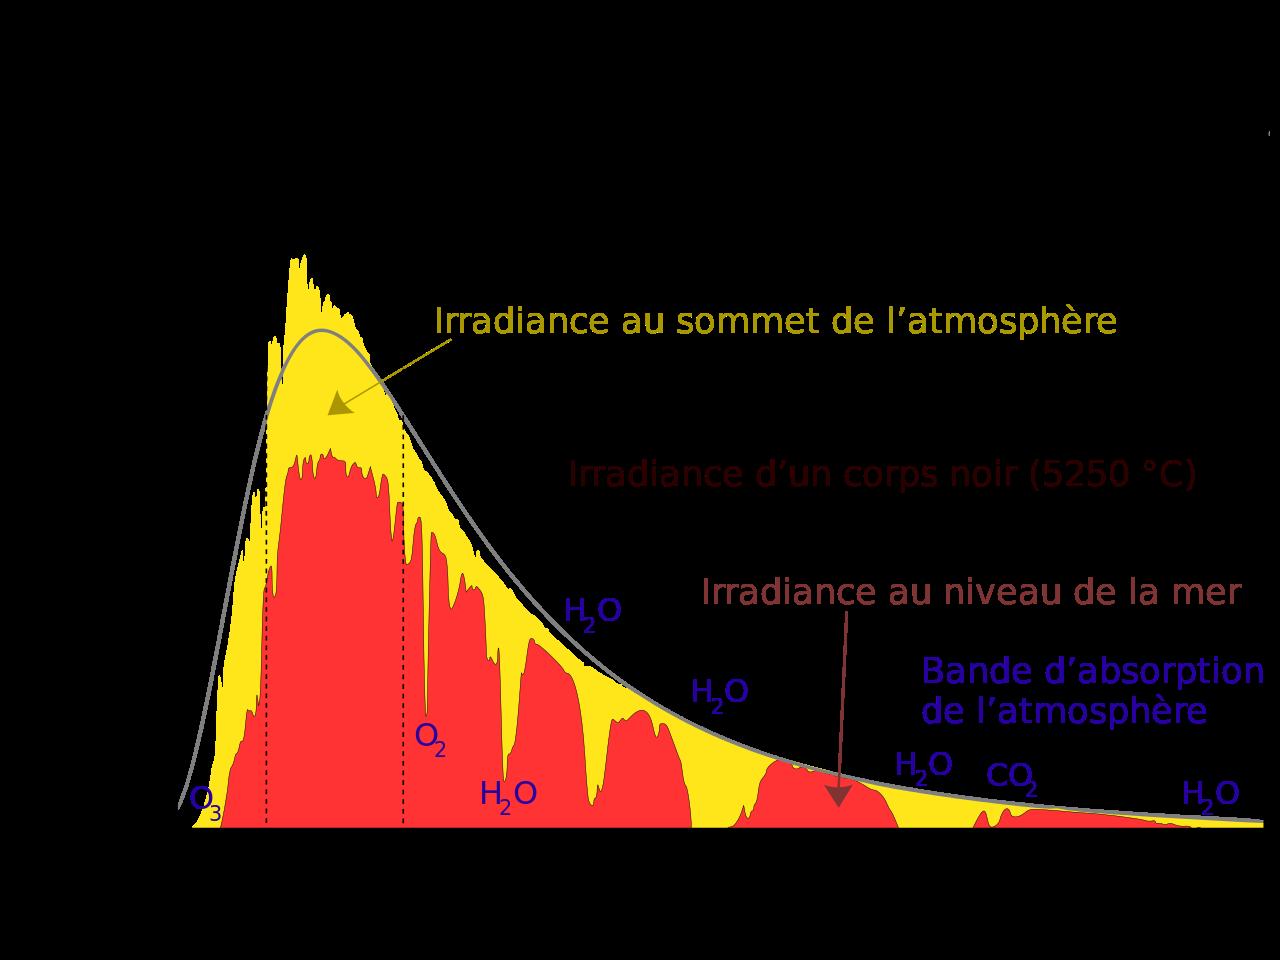 Solar_spectrum_fr_svg.png.baa9c5fb2703fad99972b5e082e69469.png